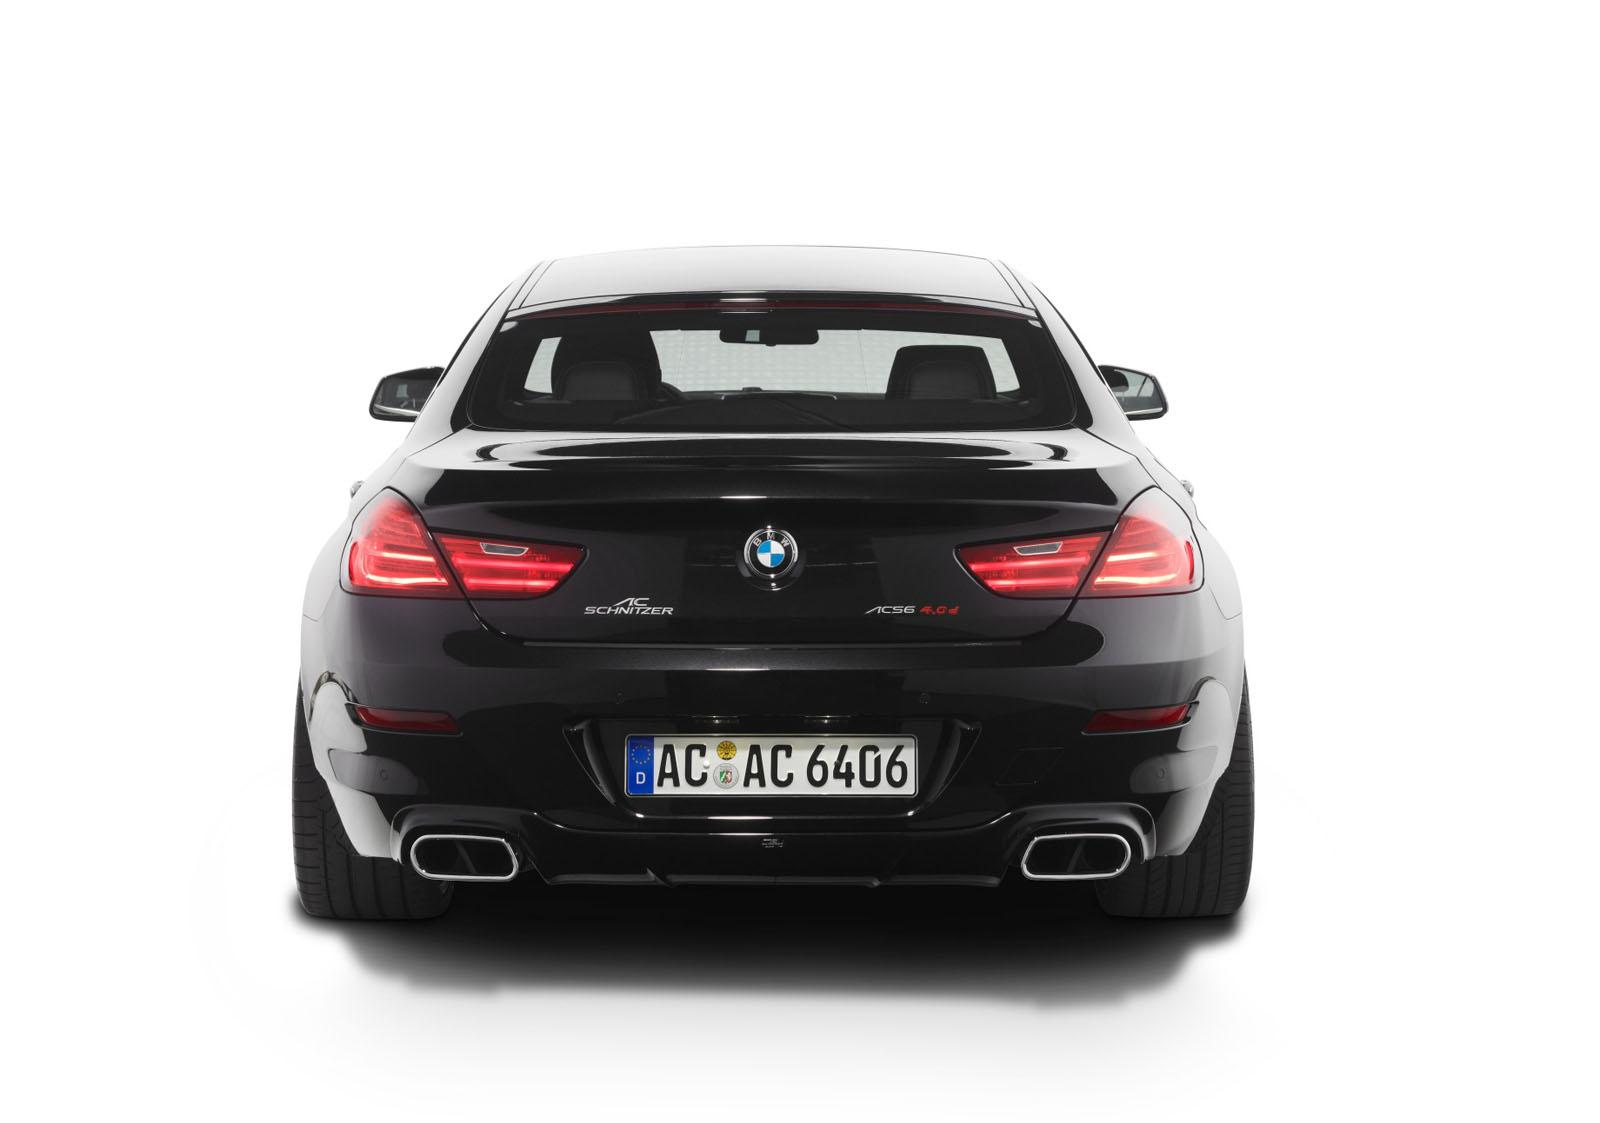 AC Schnitzer BMW 6й серии Grant Coupe - Тюнинг для совершенства - фотография №2